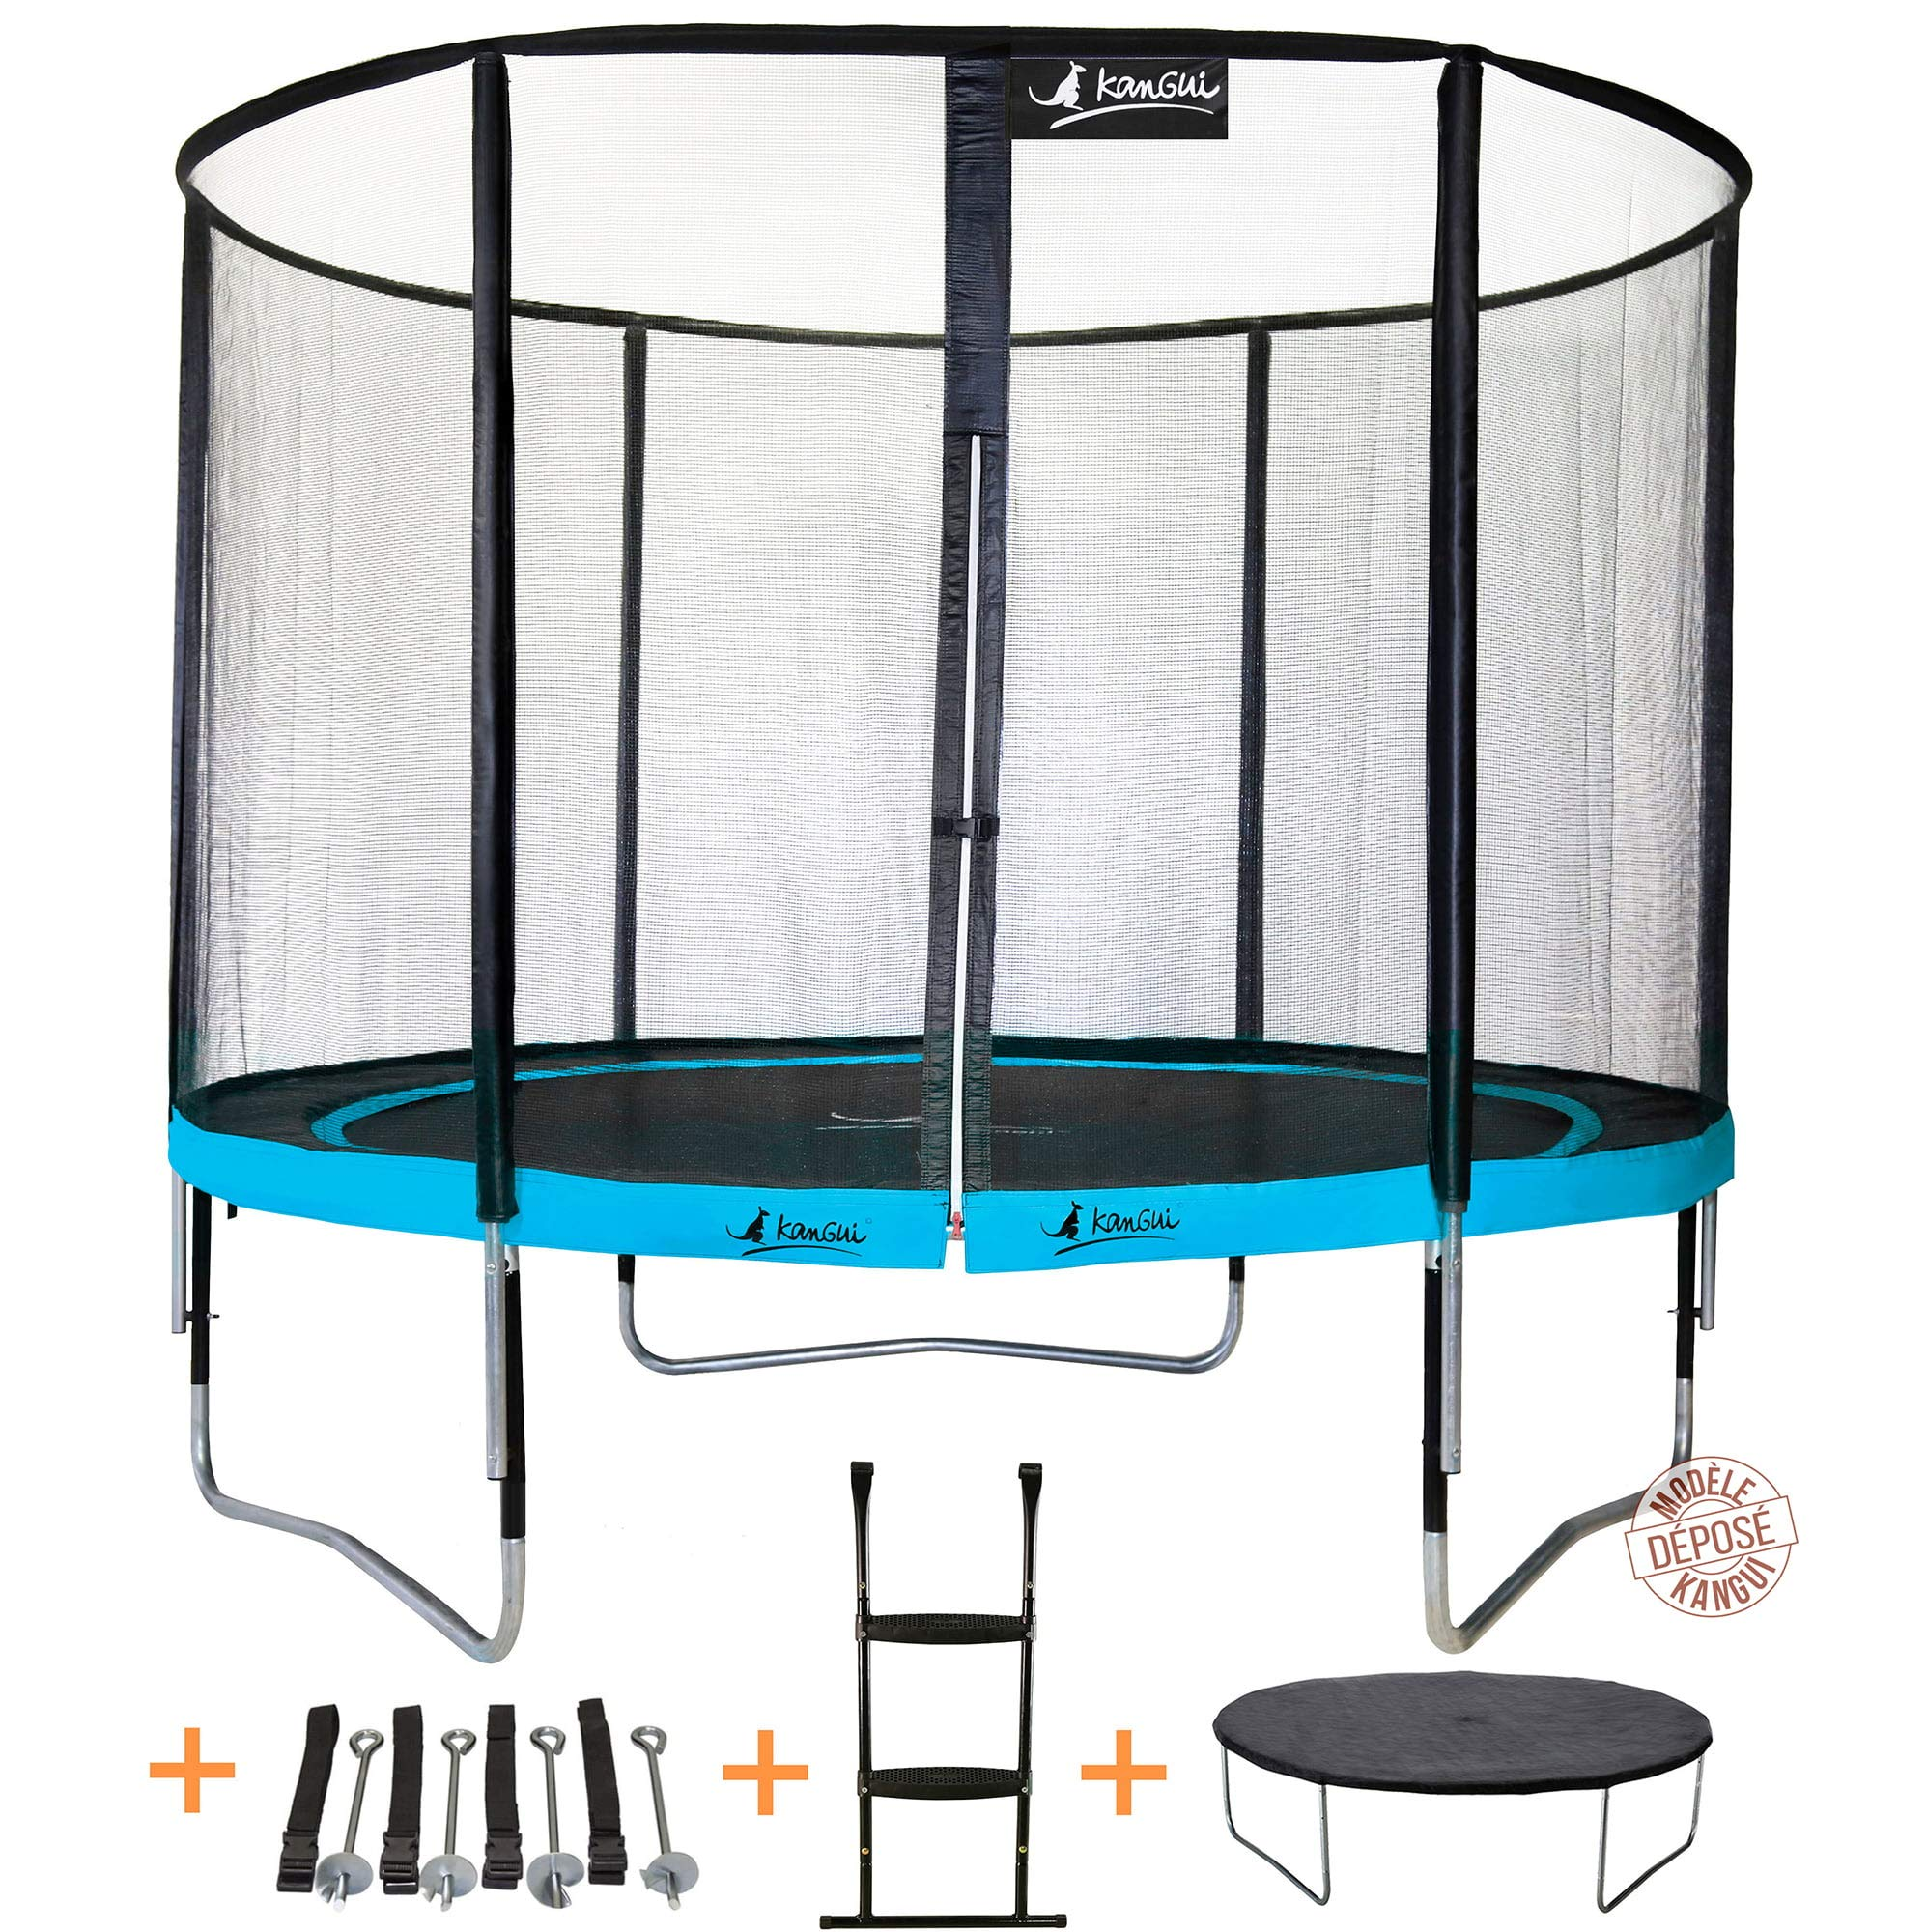 KANGUI - Cama elástica de jardín Redondo 305 cm + Red de Seguridad + Escalera + Funda de protección + Kit Anclaje | PUNCHI Atoll 300: Amazon.es: Deportes y aire libre